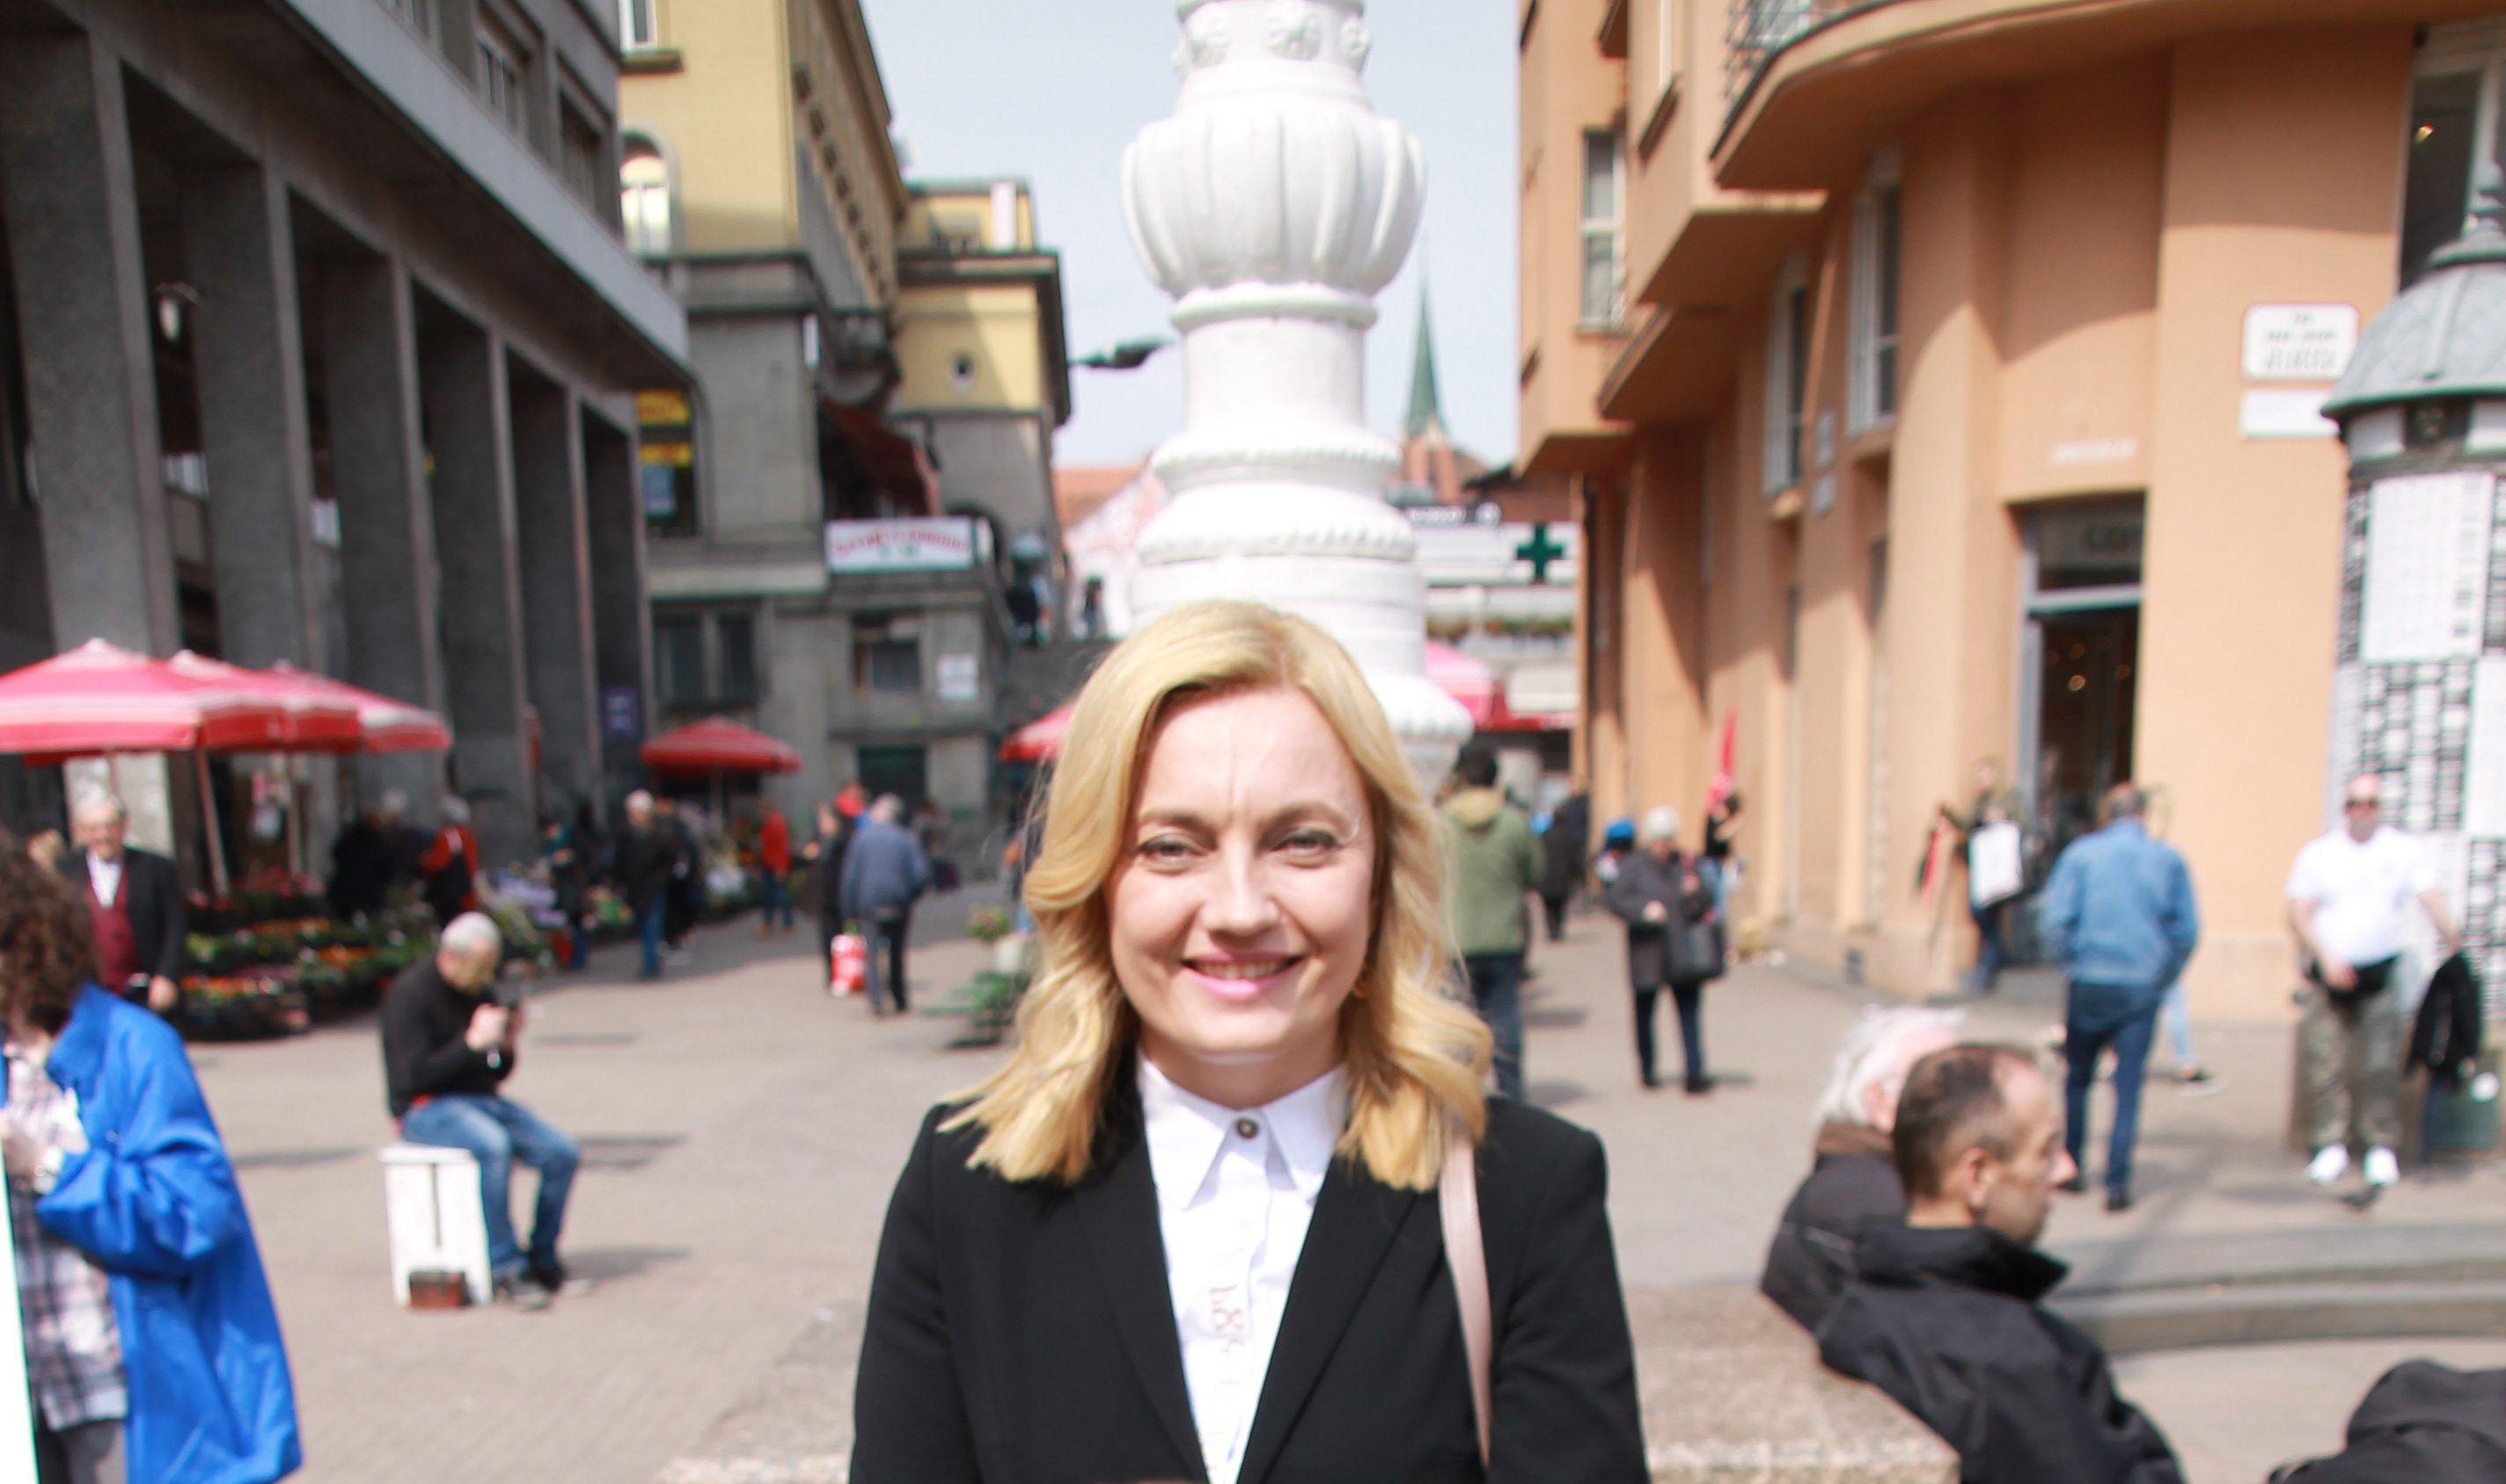 """Marijana Petir predstavila Kandidacijsku listu: """"Stvarno je čudo u dva dana sakupiti 11.361 potpisa bez ikakve infrastrukture"""", na mojoj list su """"ljudi iz naroda"""""""